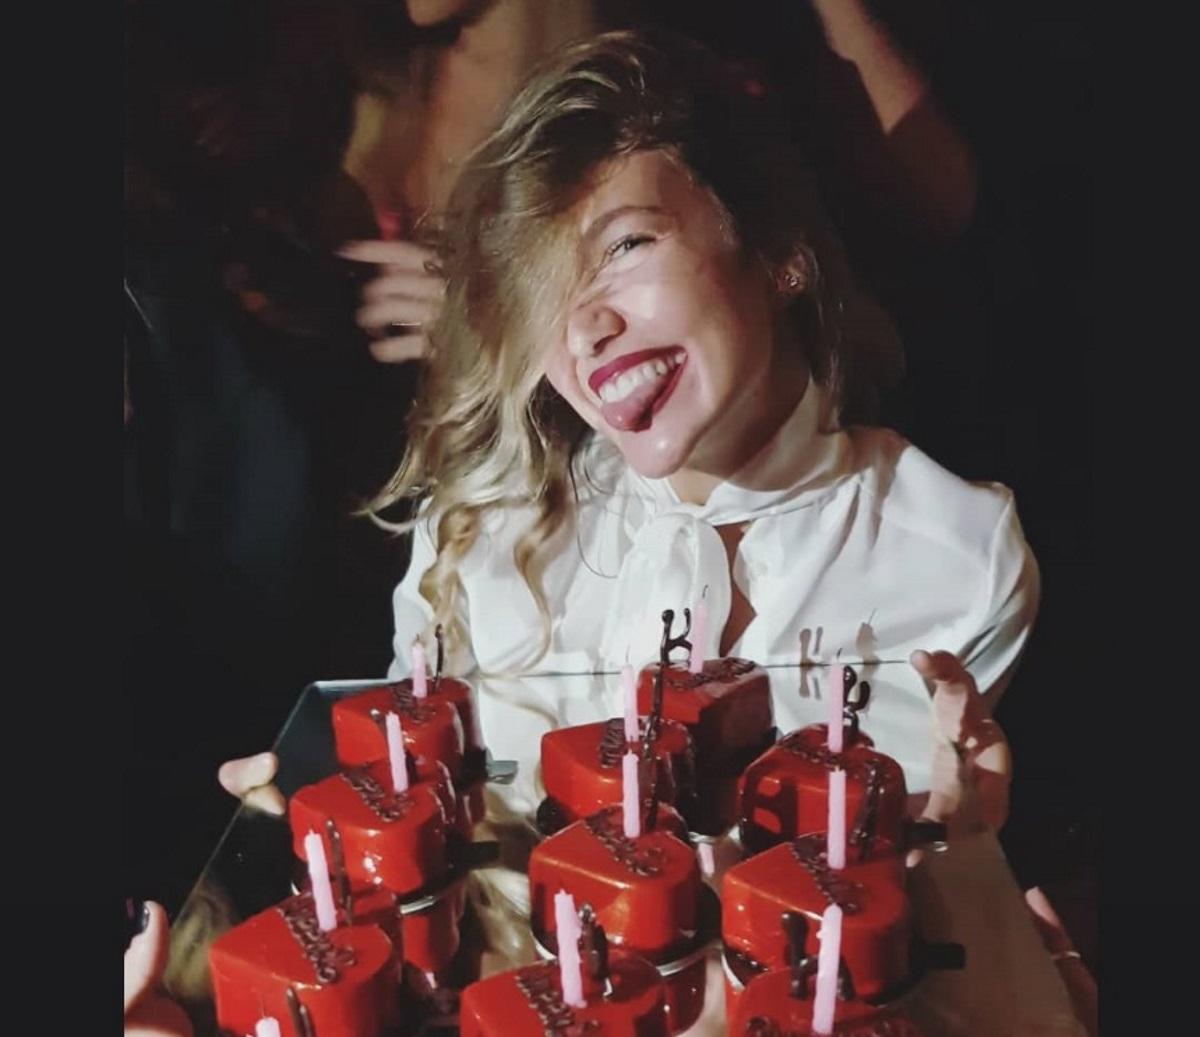 Κλέλια Ανδριολάτου: Ξέφρενο πάρτι γενεθλίων, με καλεσμένες την Μπόμπα και την Χριστοπούλου! [pics,vid]